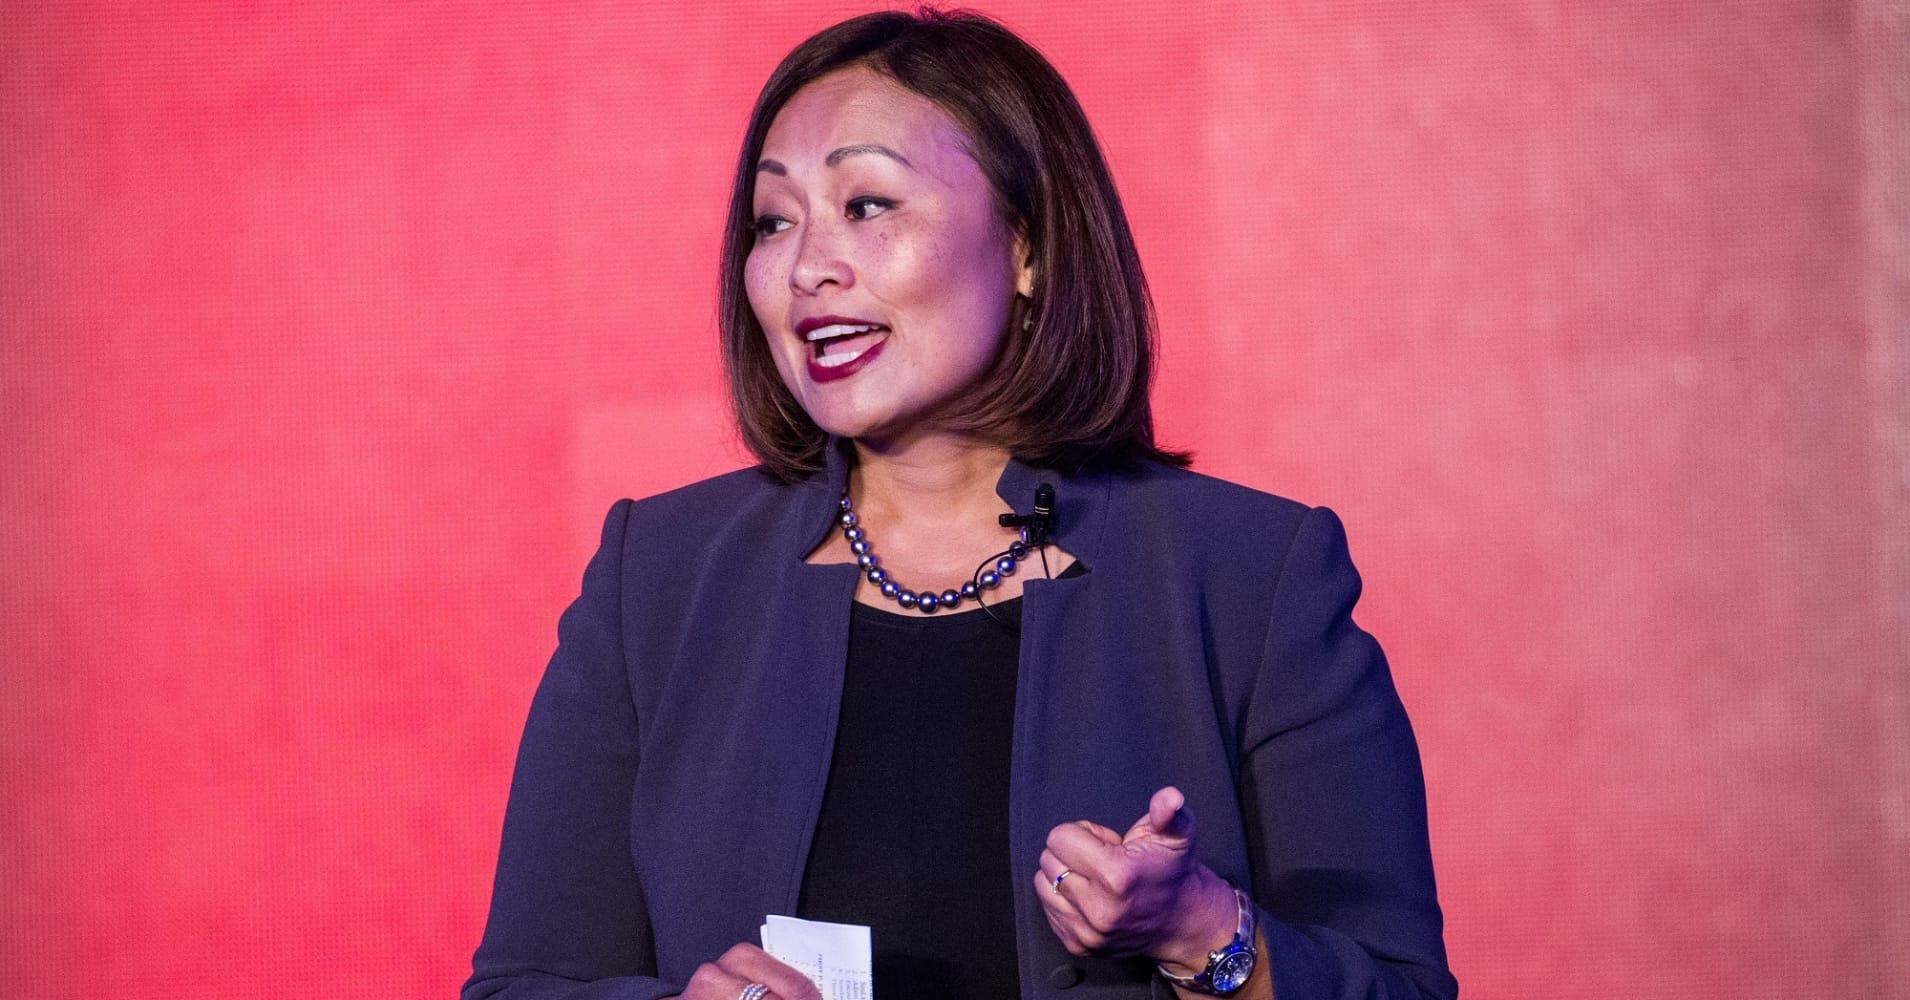 Sheila Lirio Marcelo is the CEO of Care.com